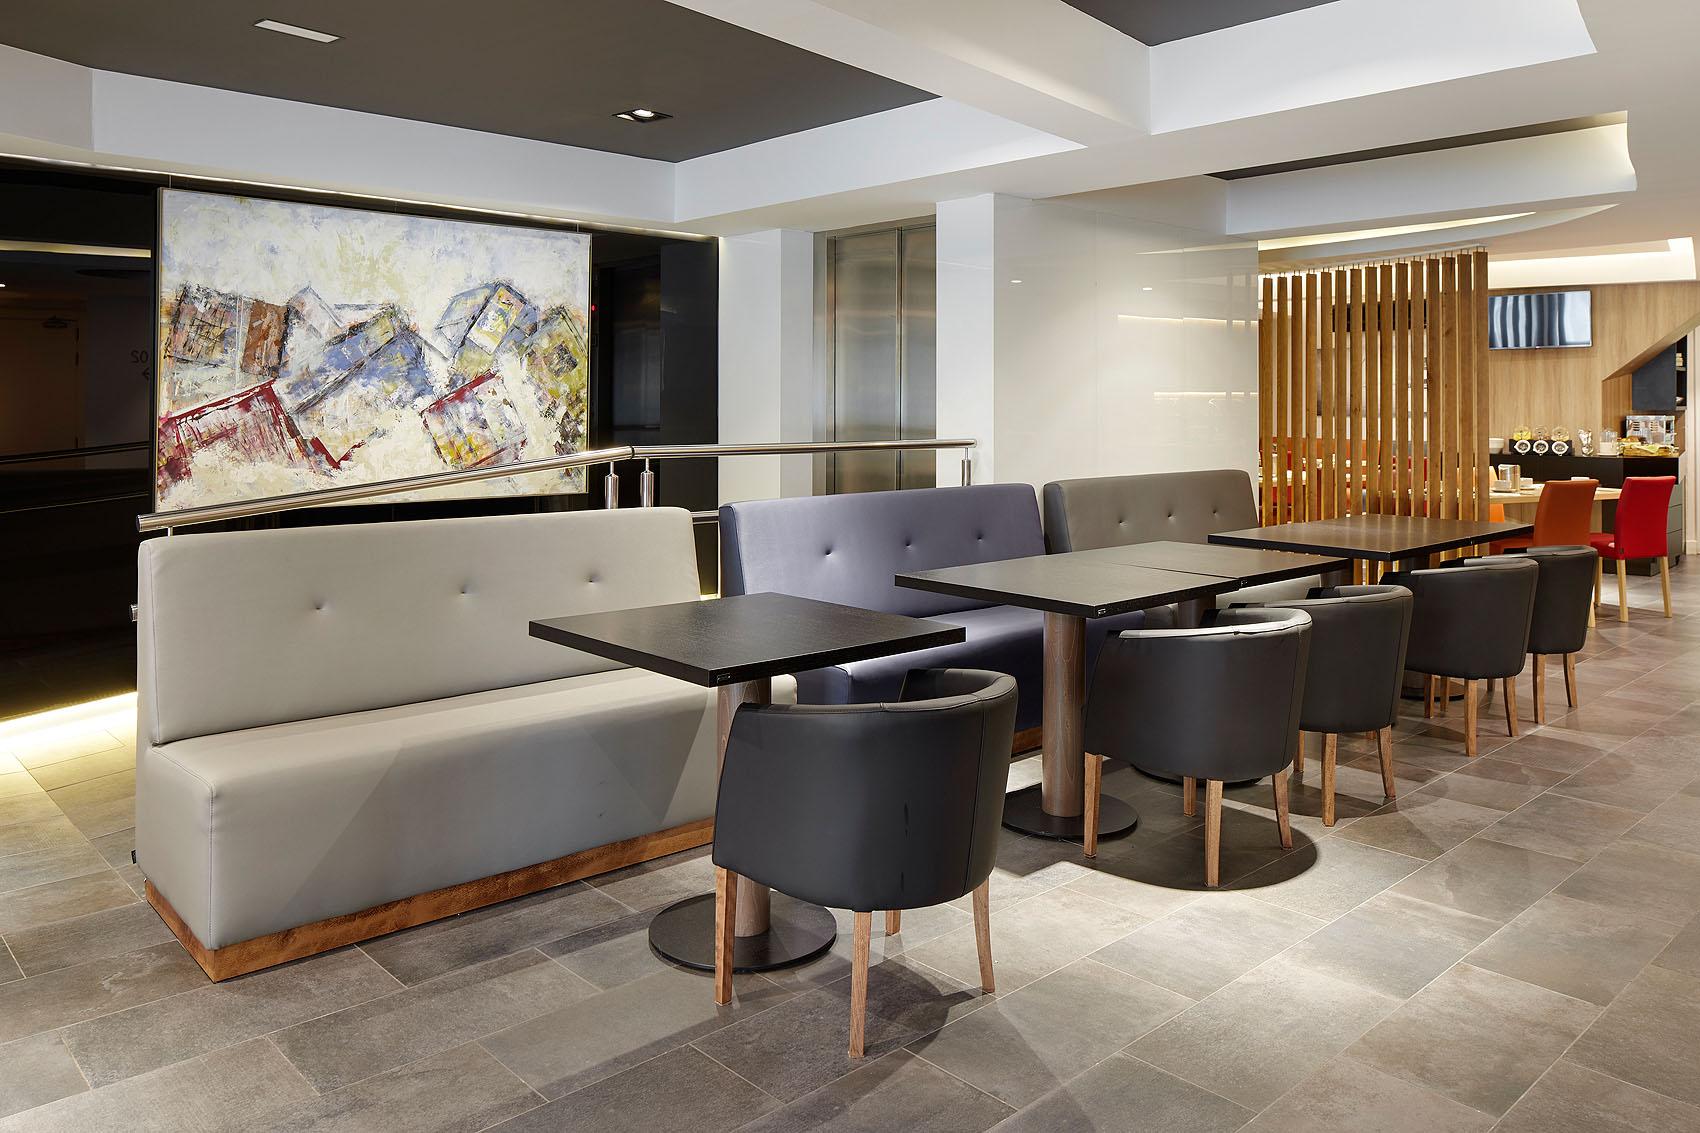 Hotel Parma - Iñaki Caperochipi - Fotografía